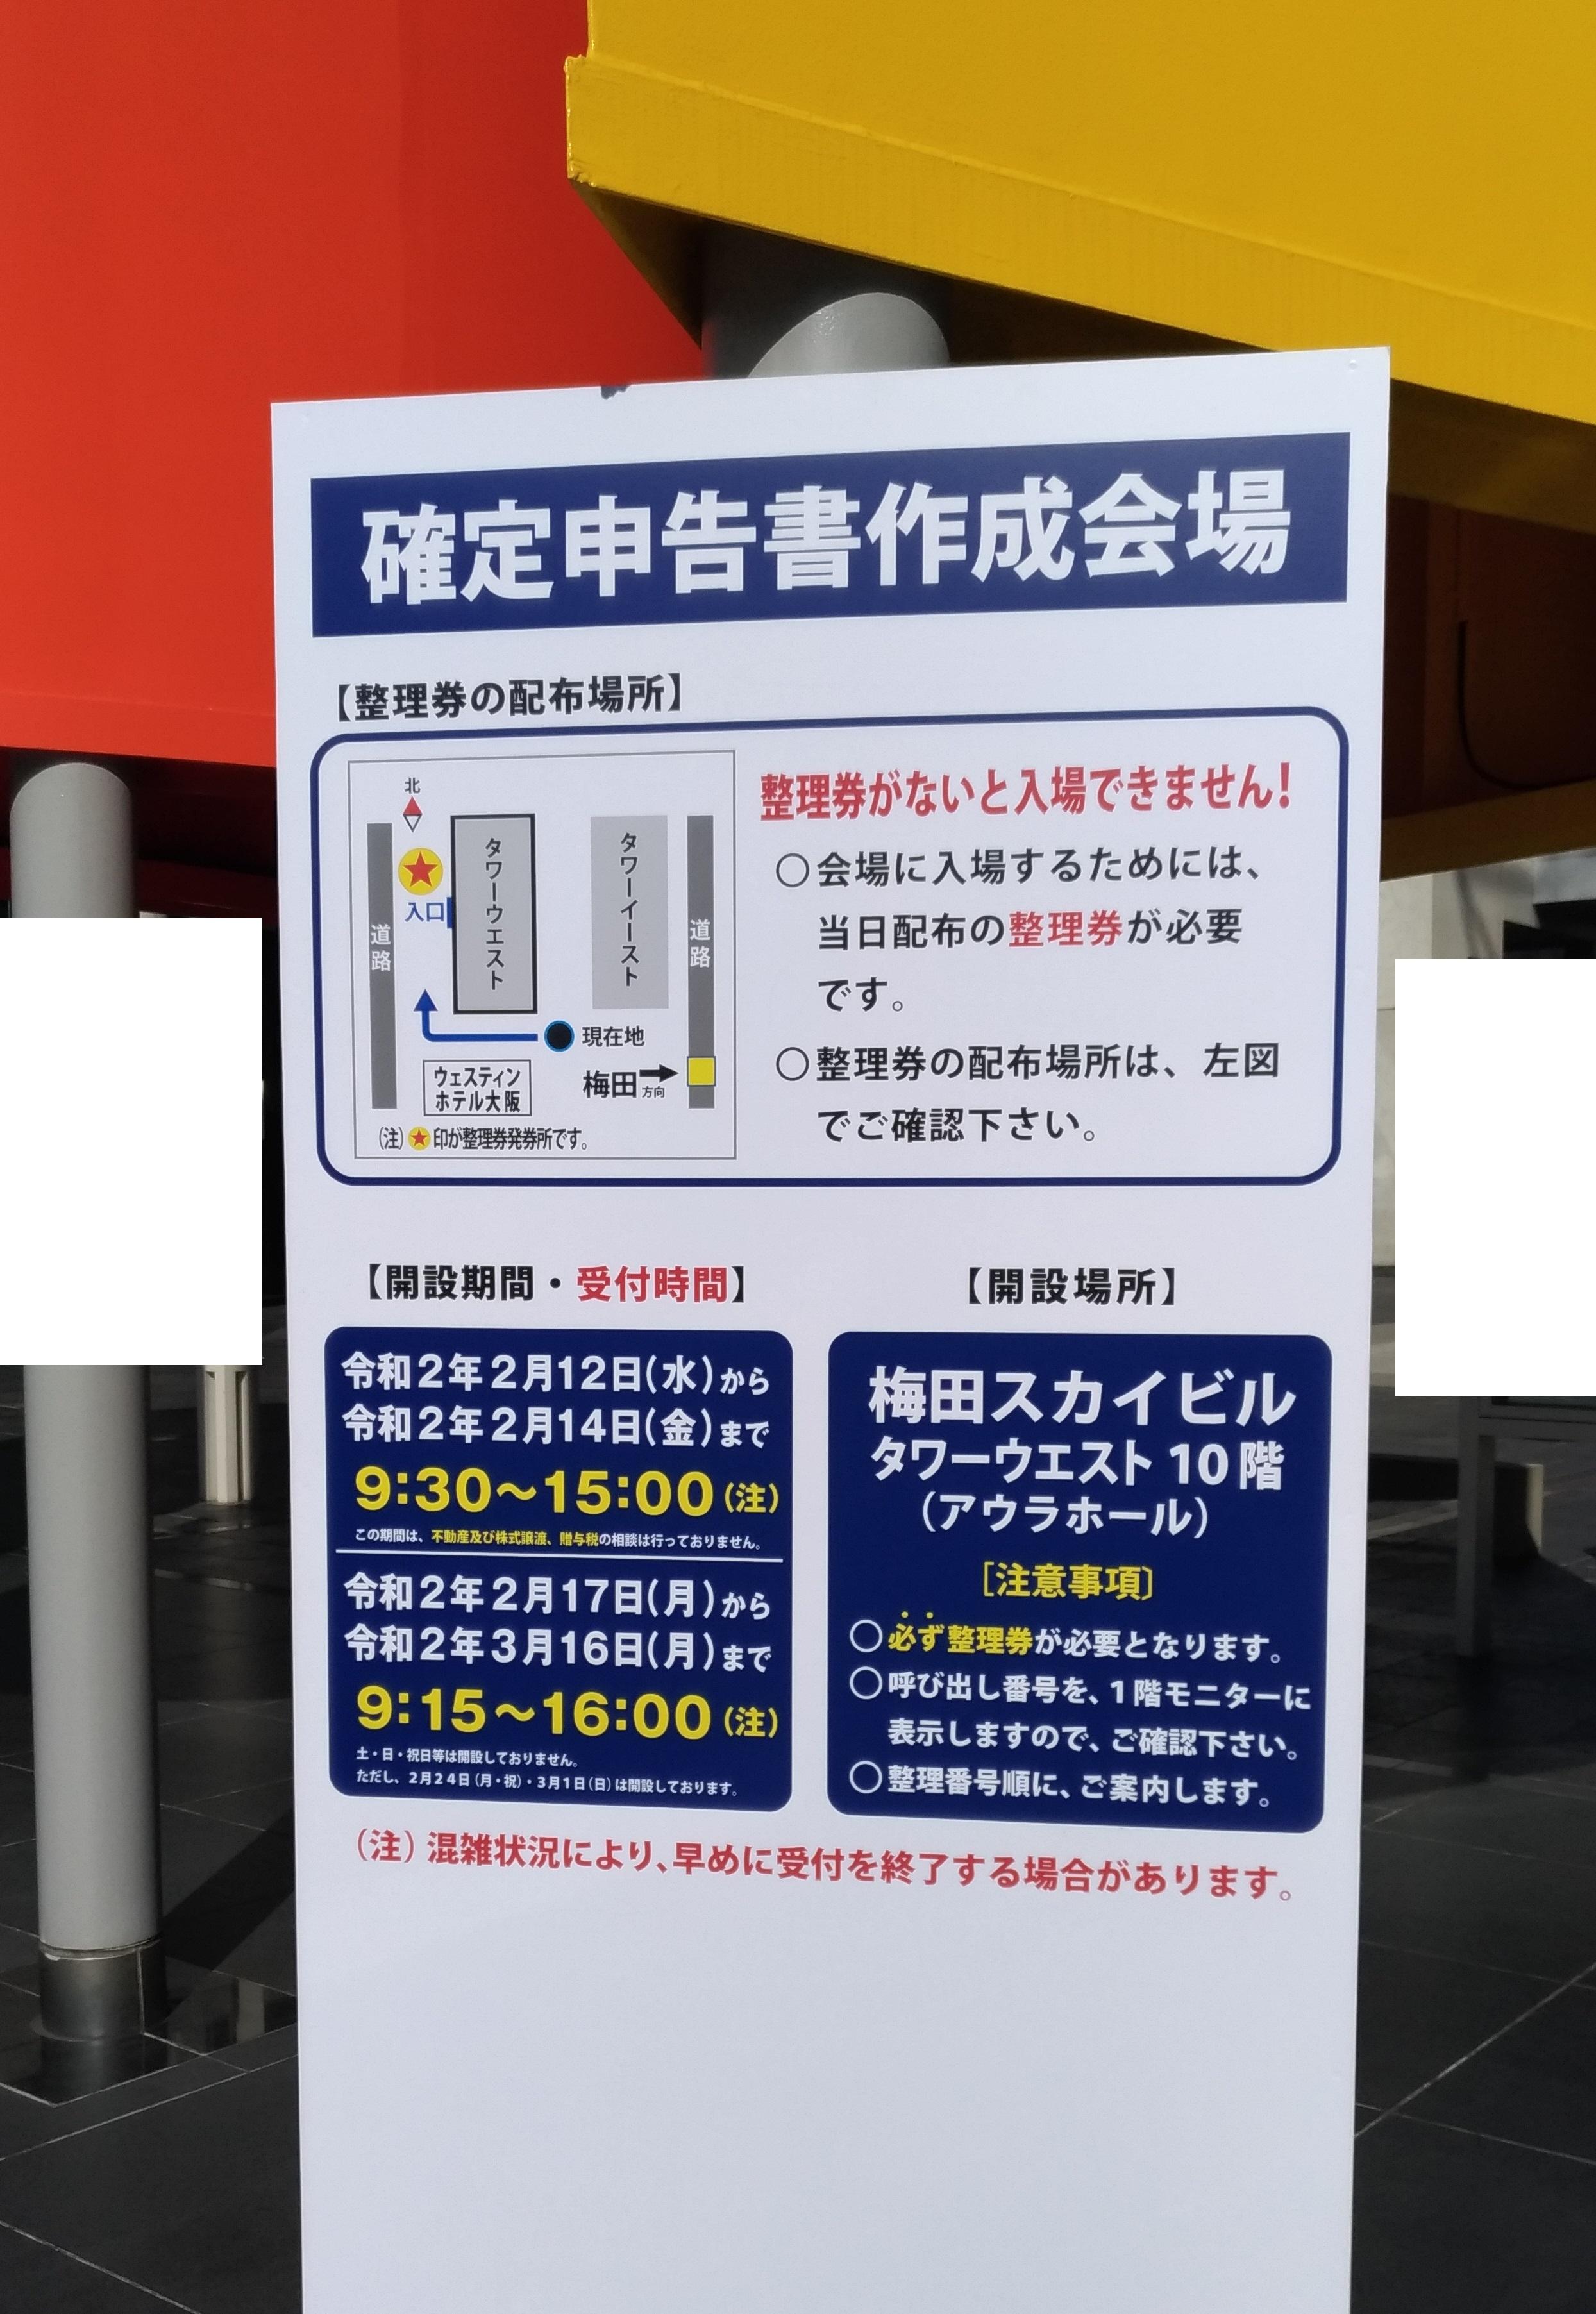 kakutei_shinkoku_osaka_umeda_2020.jpg